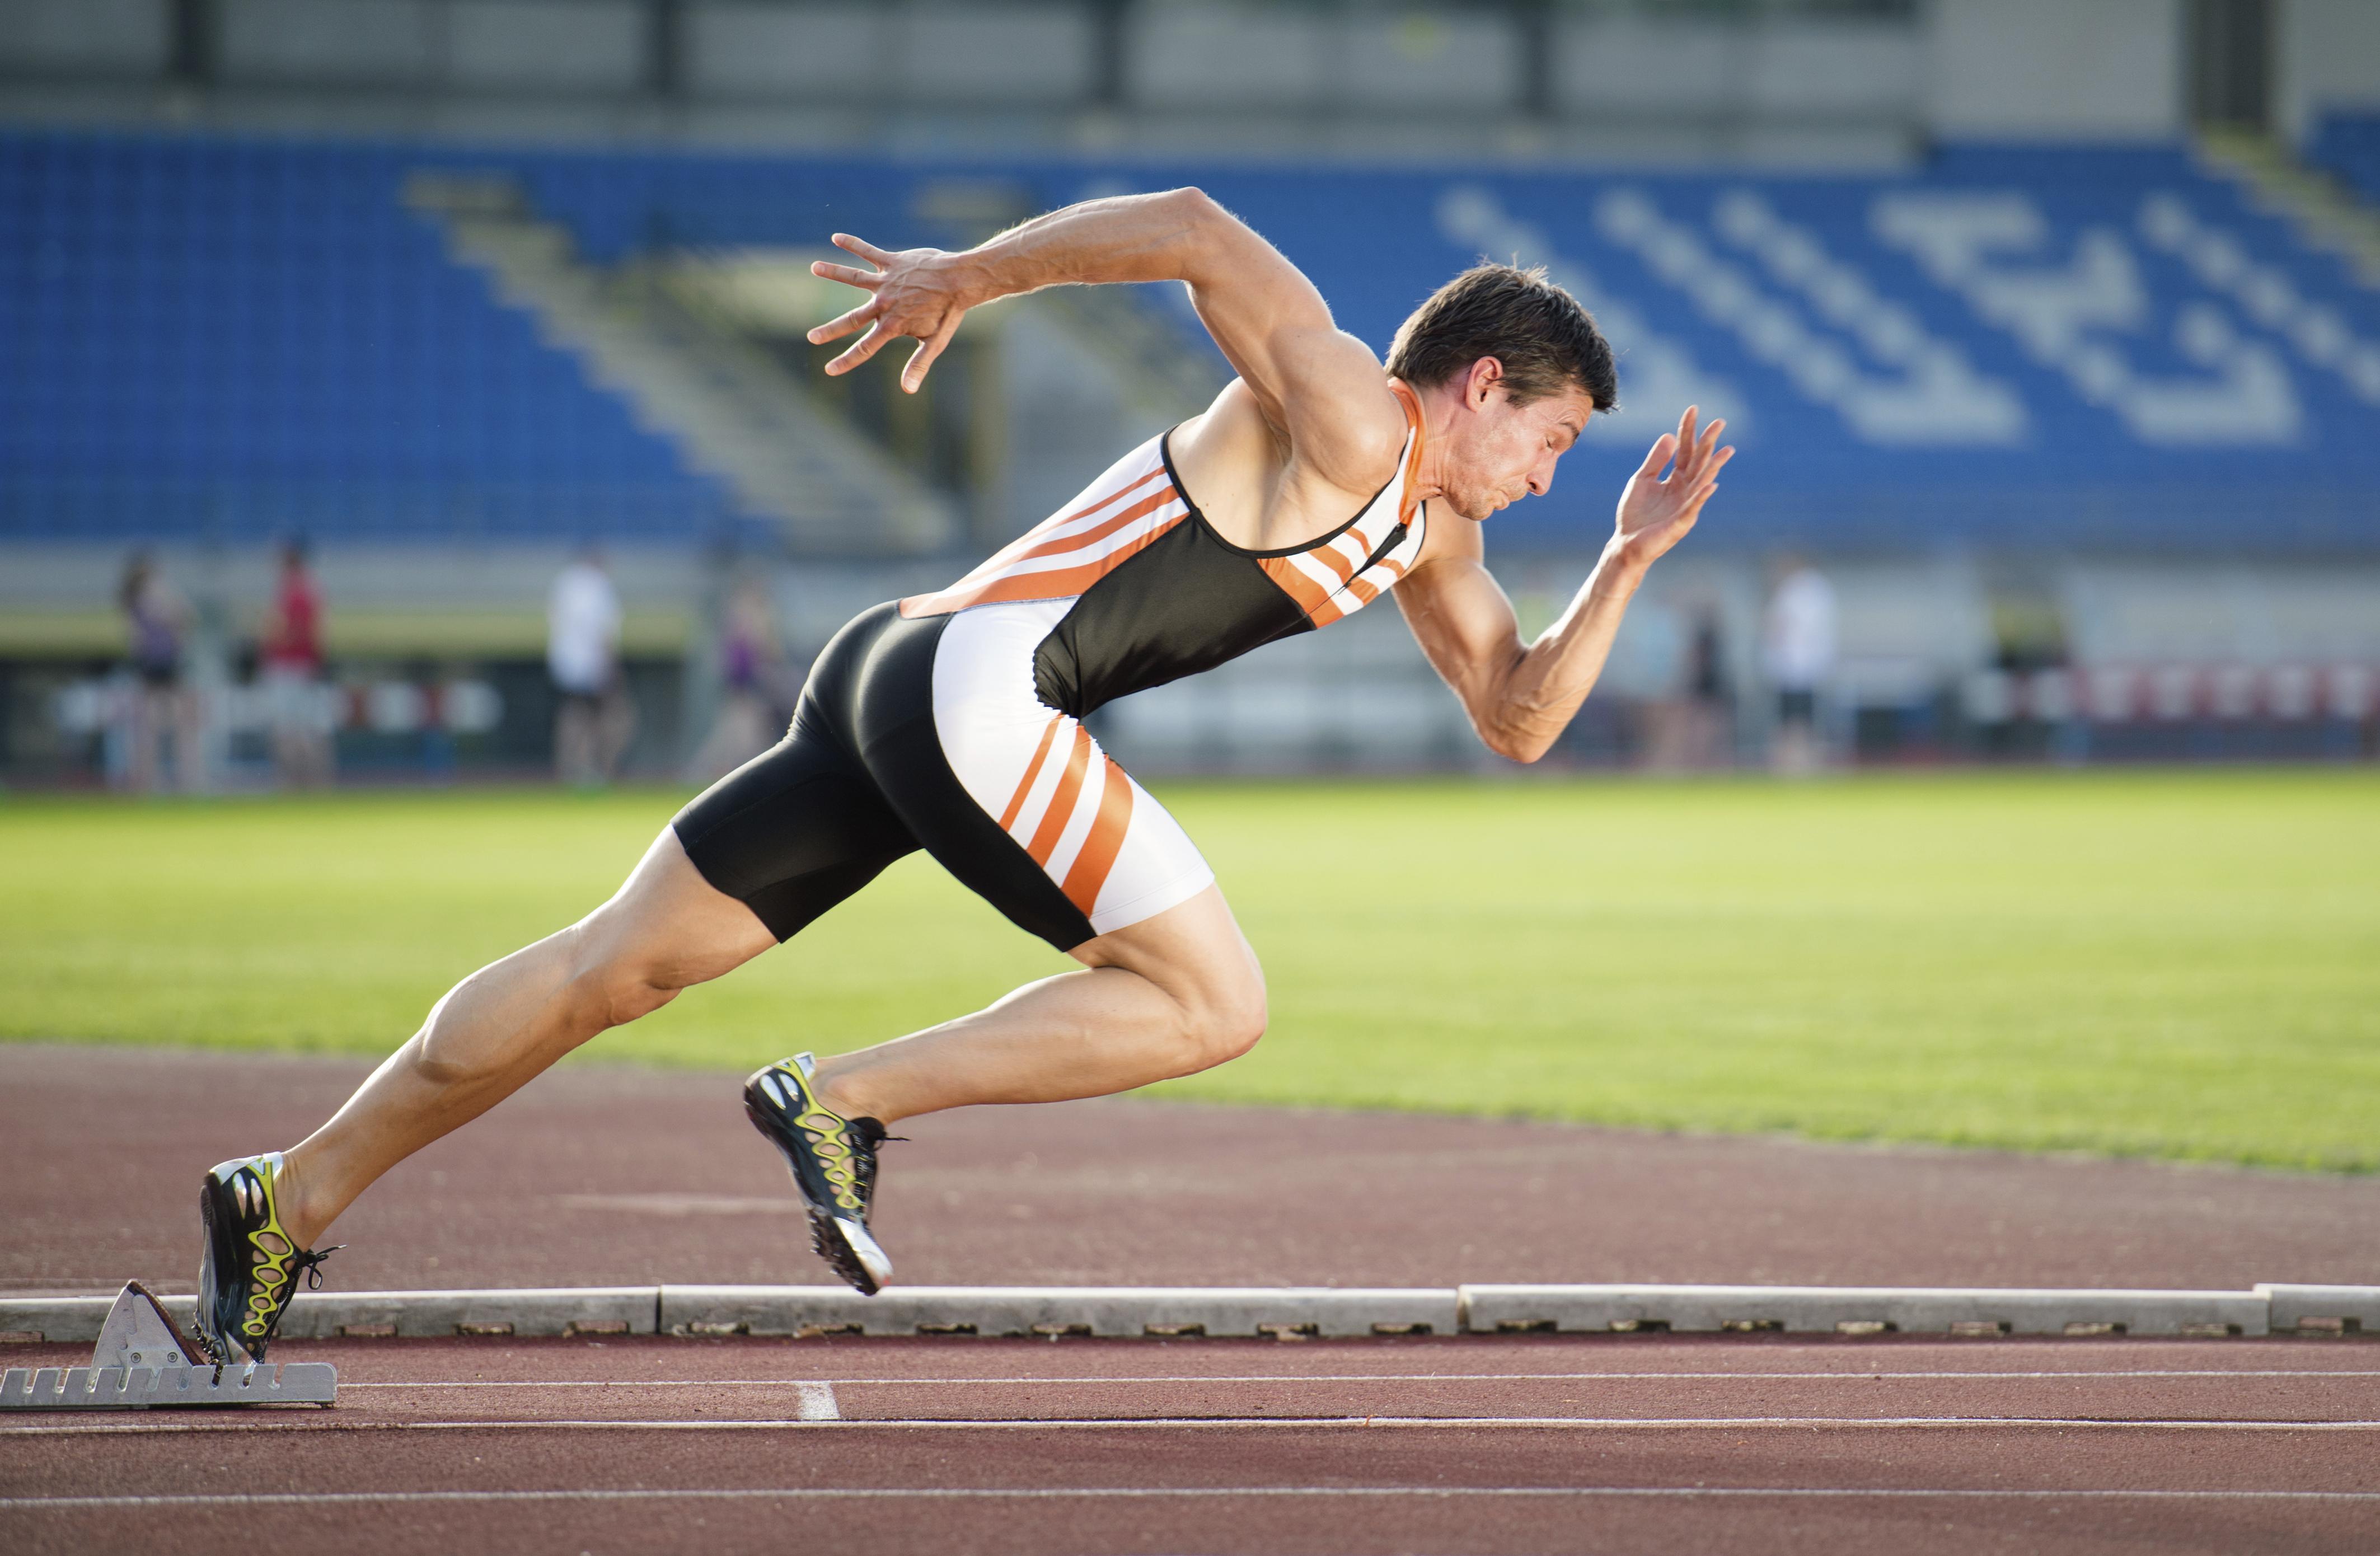 спортивные картинки широкие рассчитывает охватить